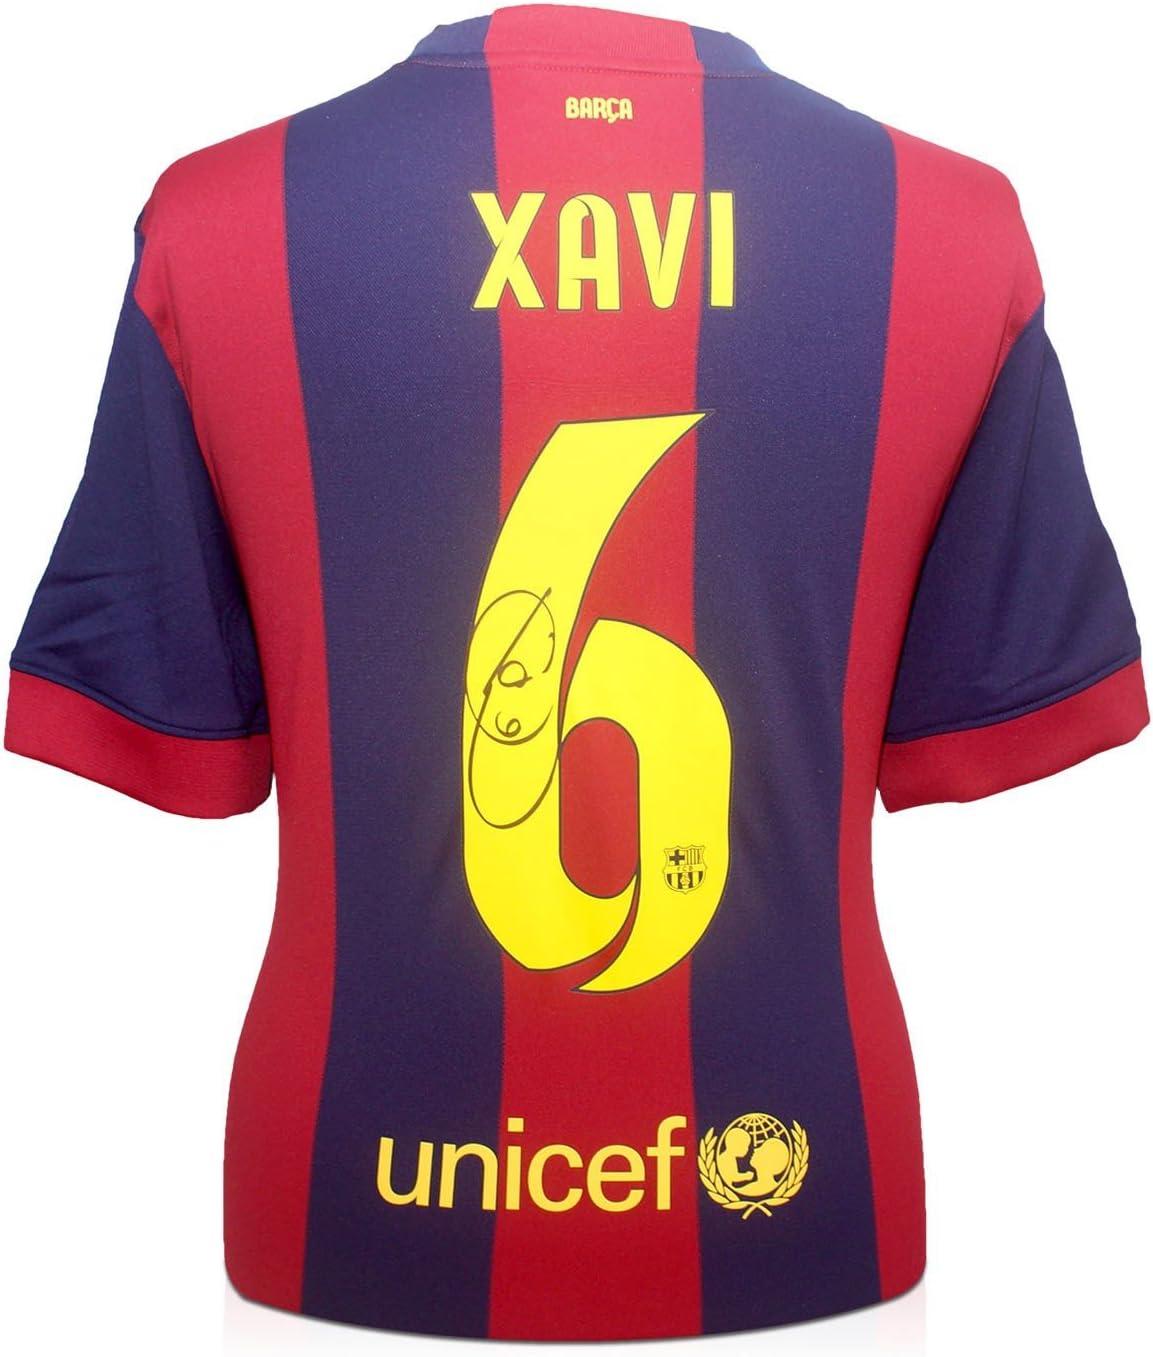 exclusivememorabilia.com 2014-15 de Barcelona Camiseta de fútbol firmada por Xavi Hernández: Amazon.es: Juguetes y juegos